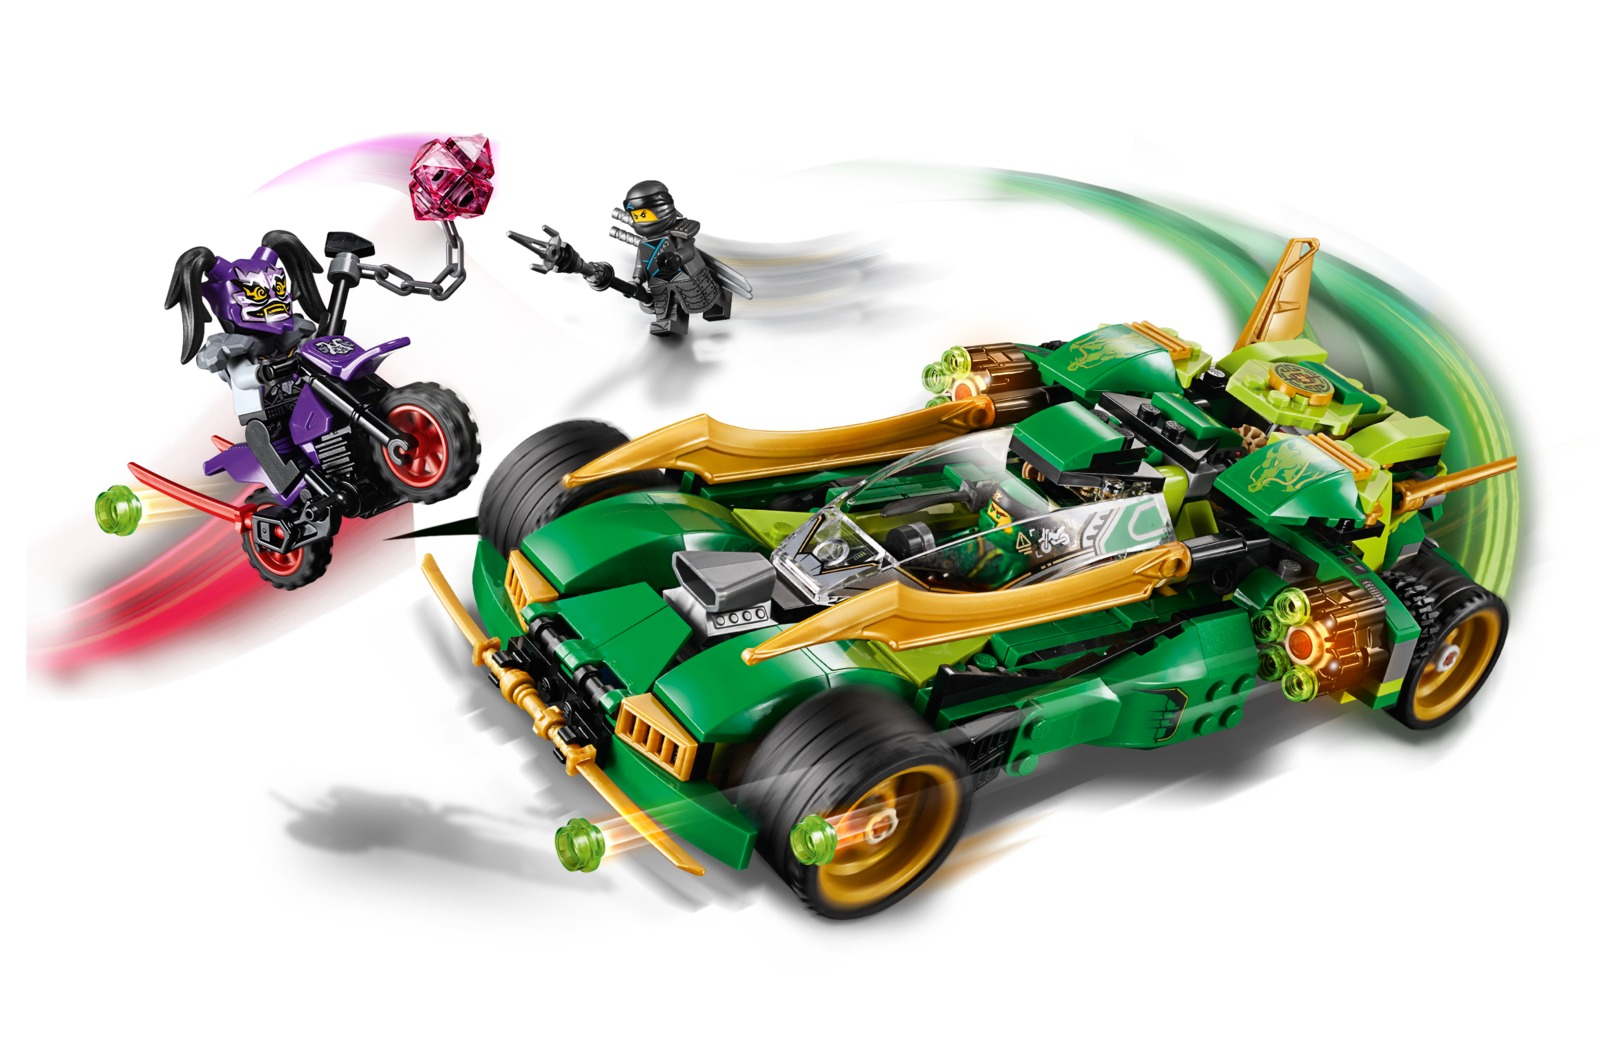 Lego Ninjago Ninja Nightcrawler 70641 Toy At Mighty